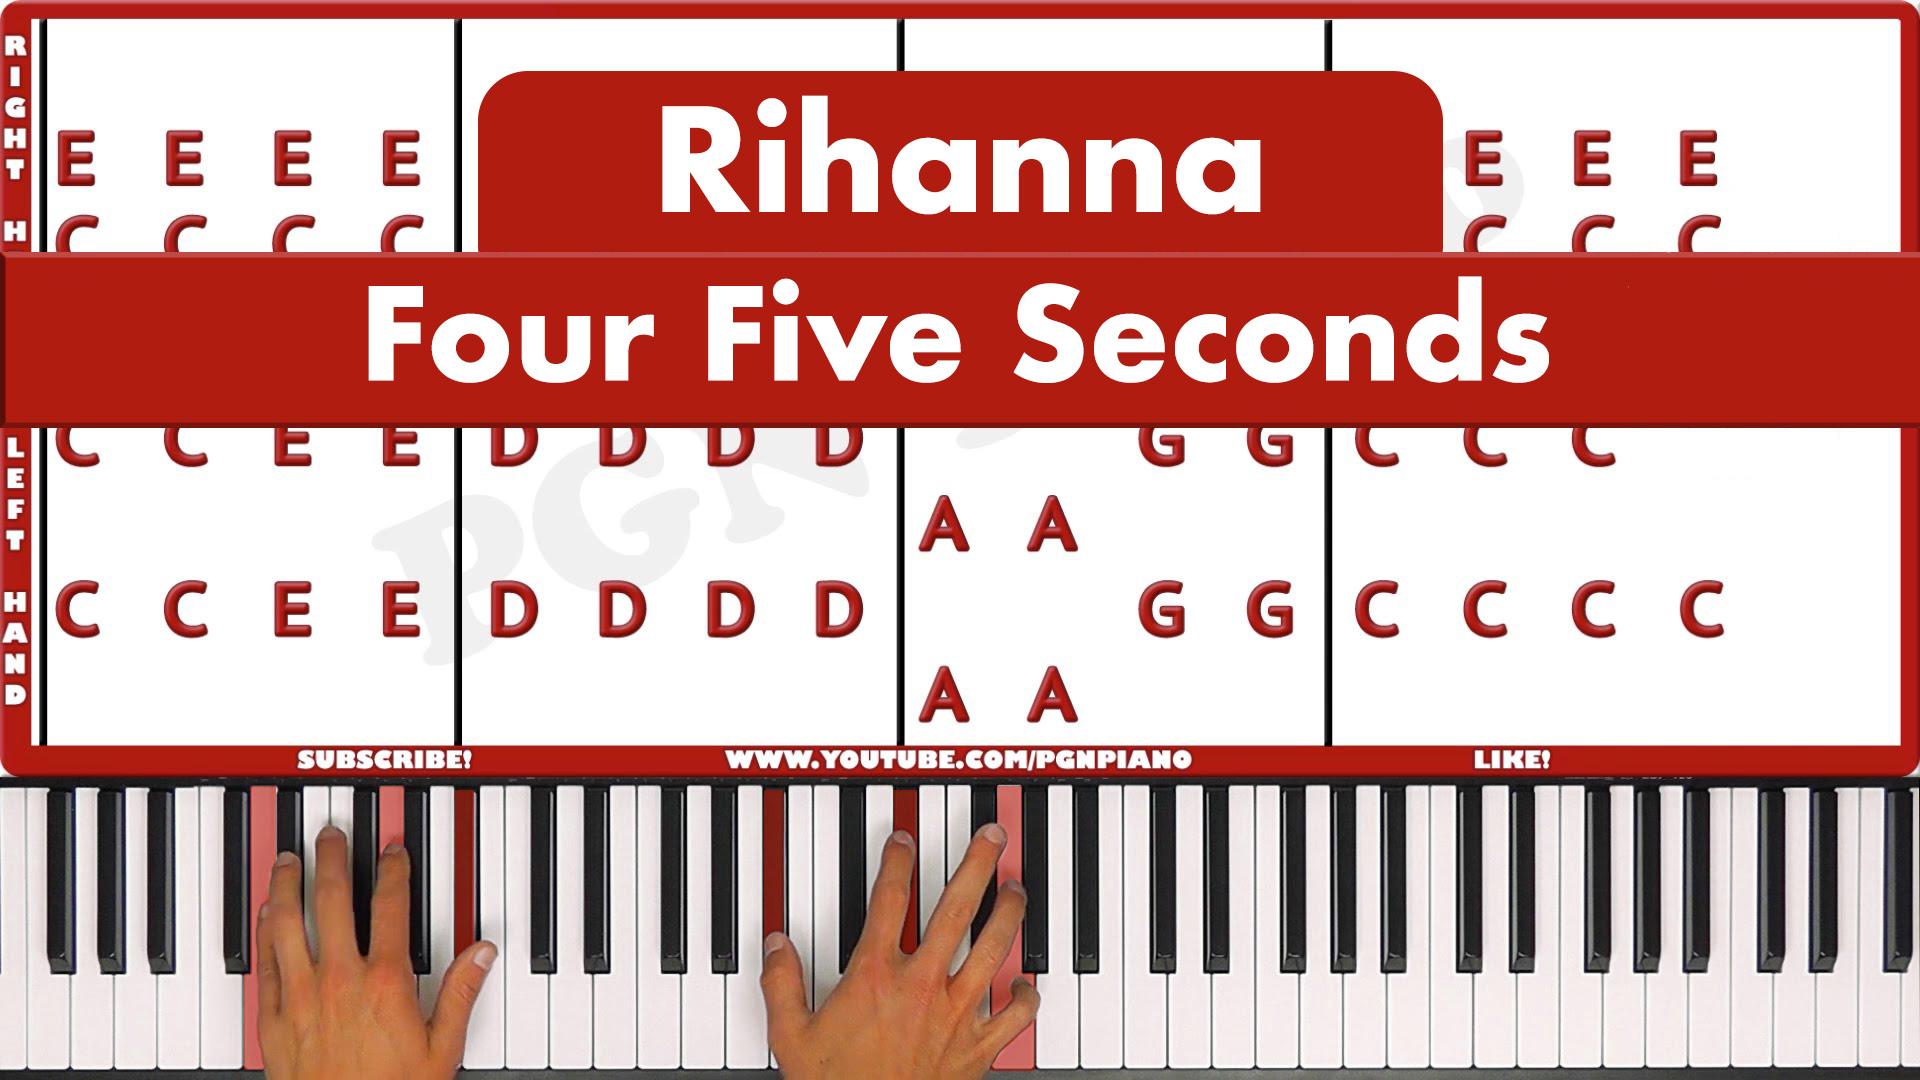 Rihanna – Four Five Seconds – Easy